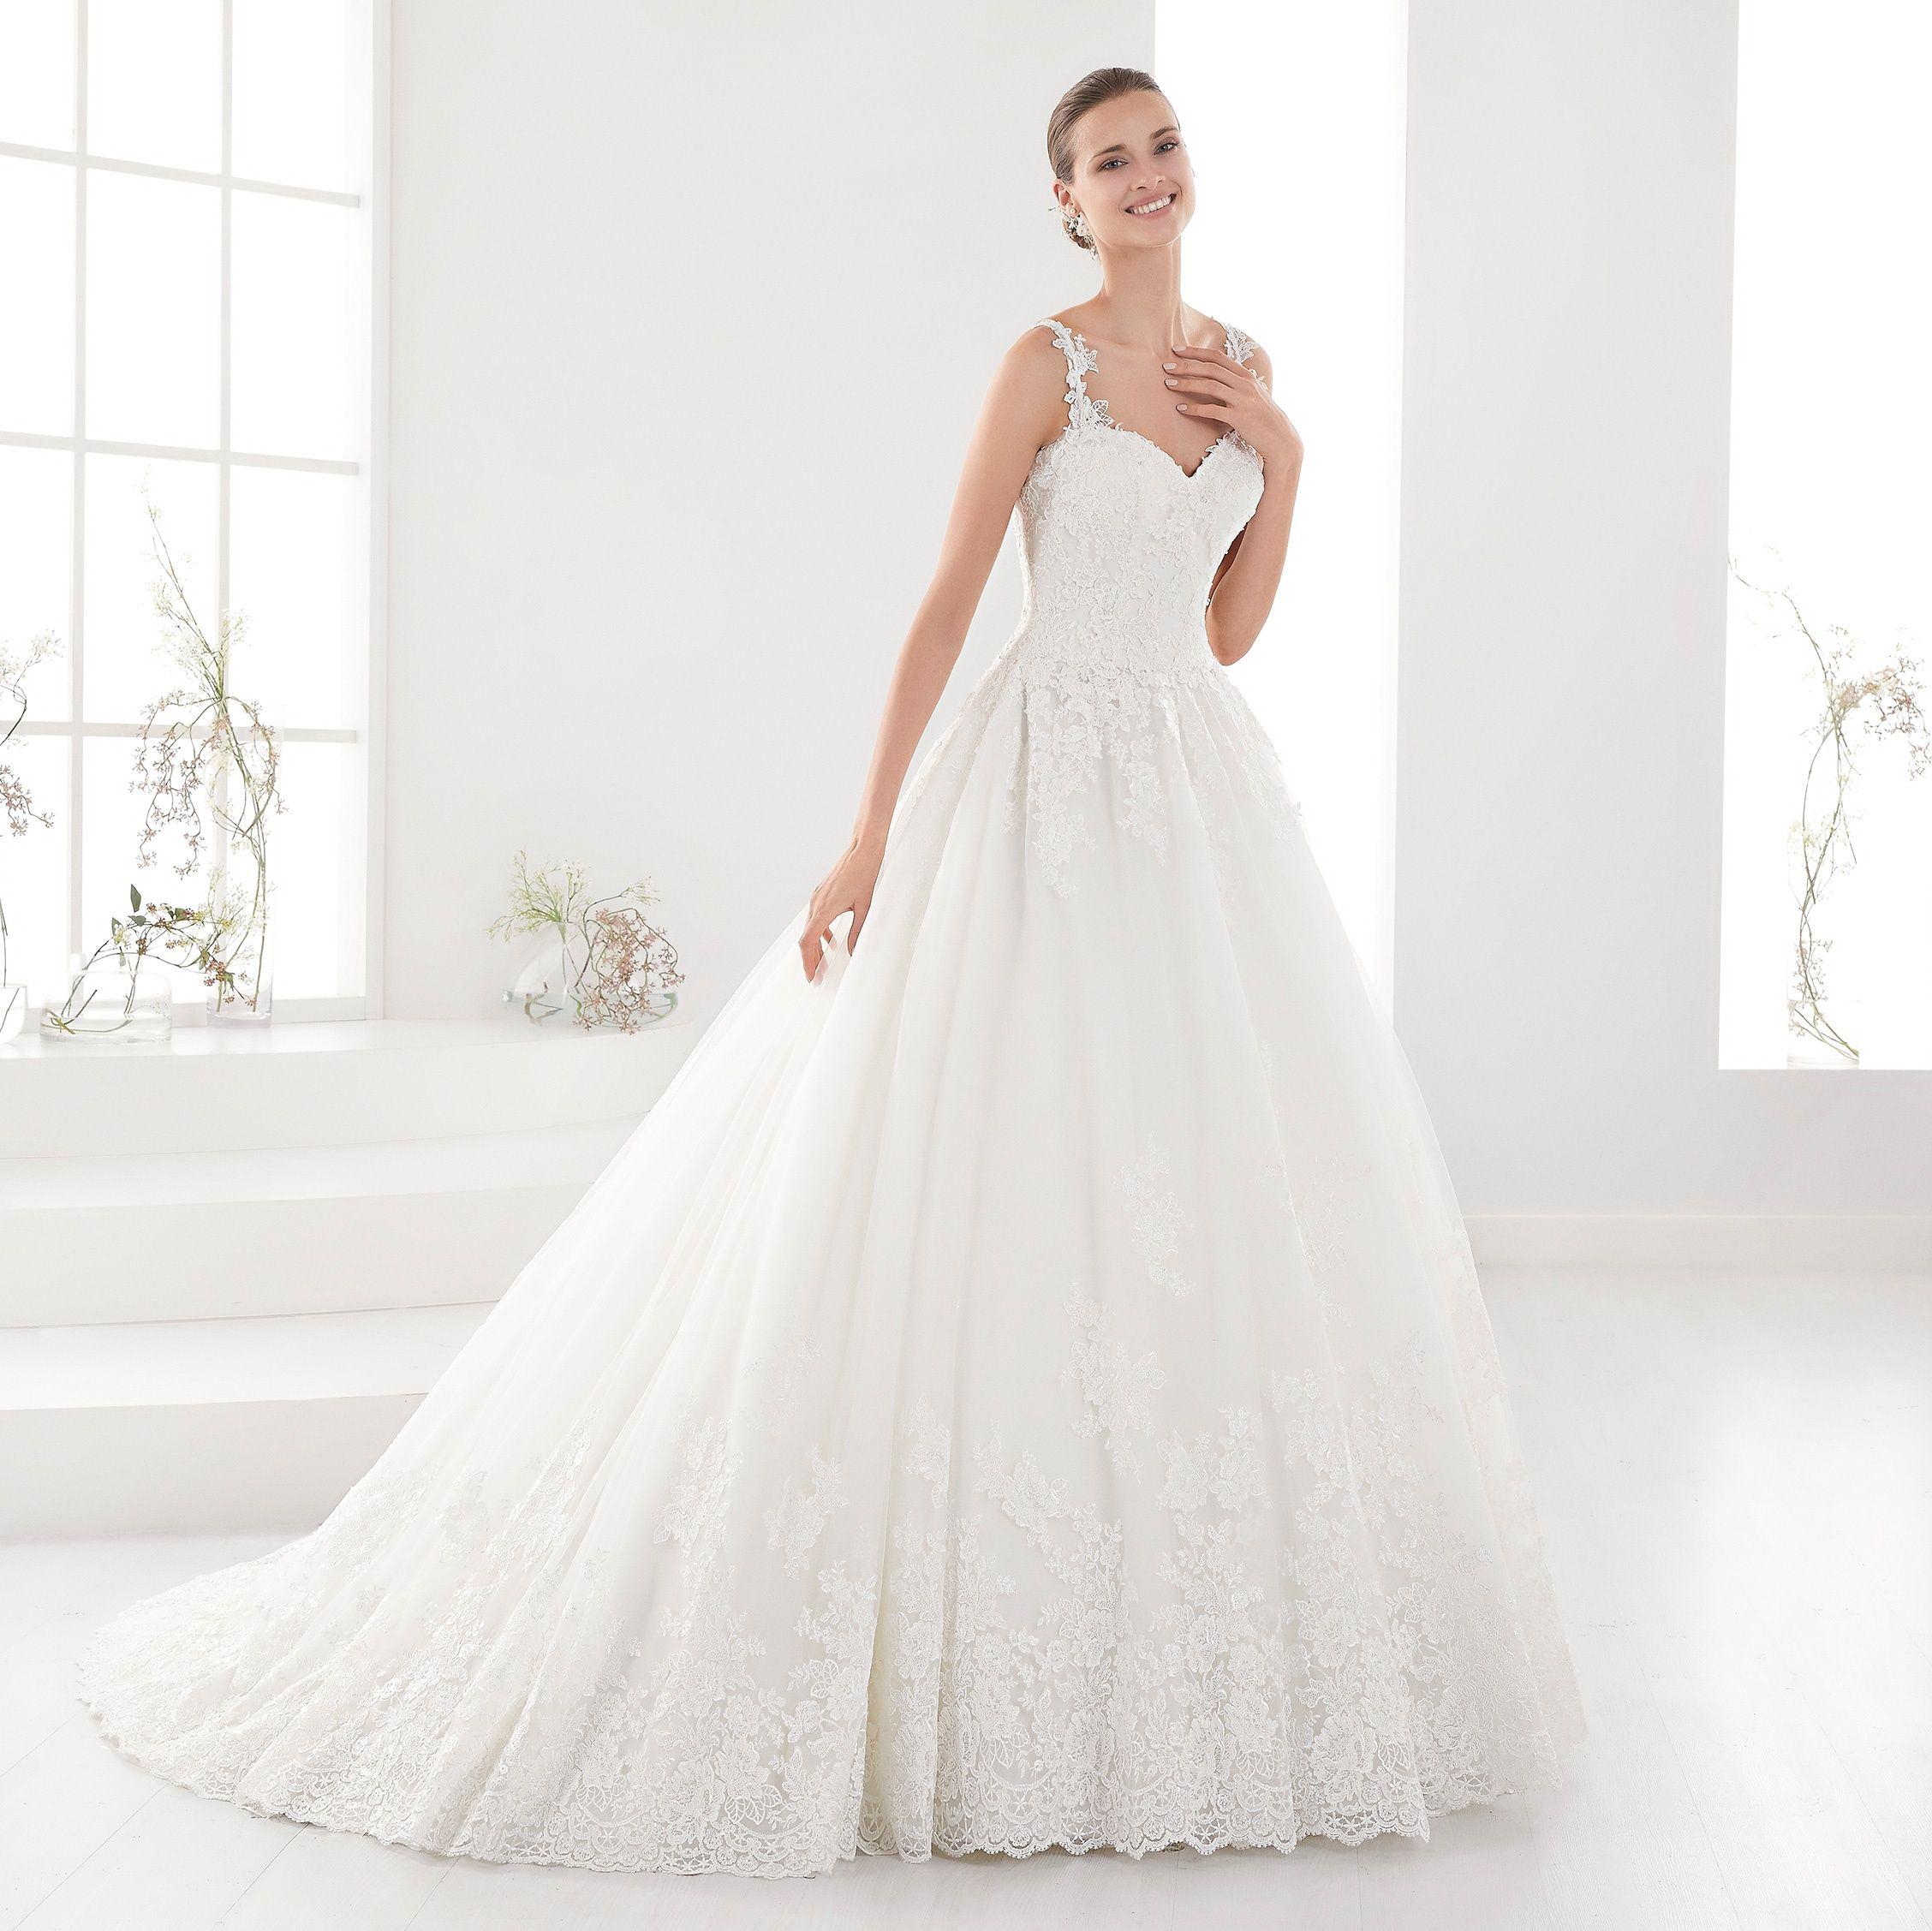 18fc364d1461 Moda sposa 2018 - Collezione AURORA. AUAB18923. Abito da sposa Nicole.